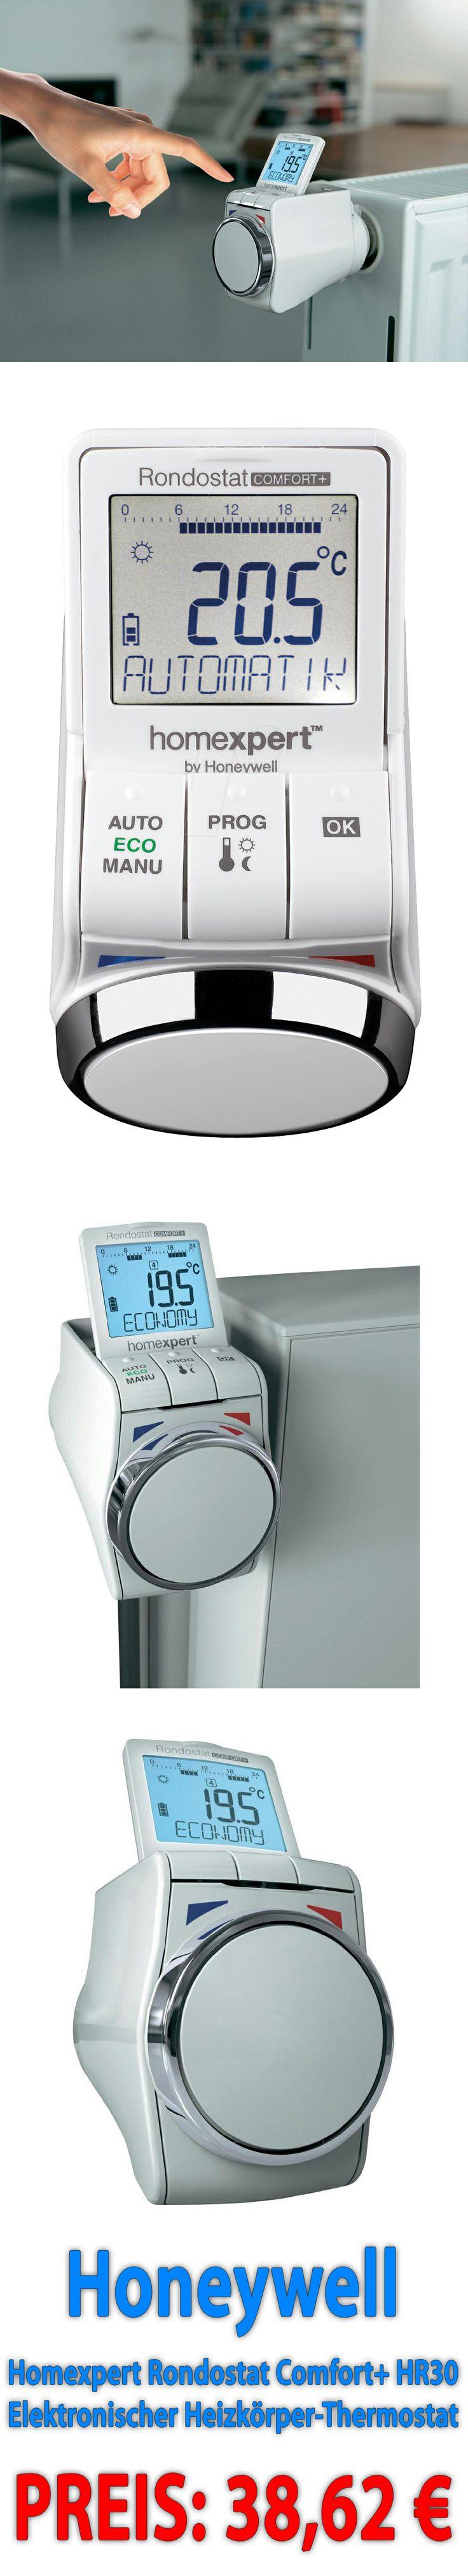 Honeywell   Homexpert Rondostat Comfort+ HR30 Elektronischer Heizkörper Thermostat.  Sparen Sie Bis Zu 30